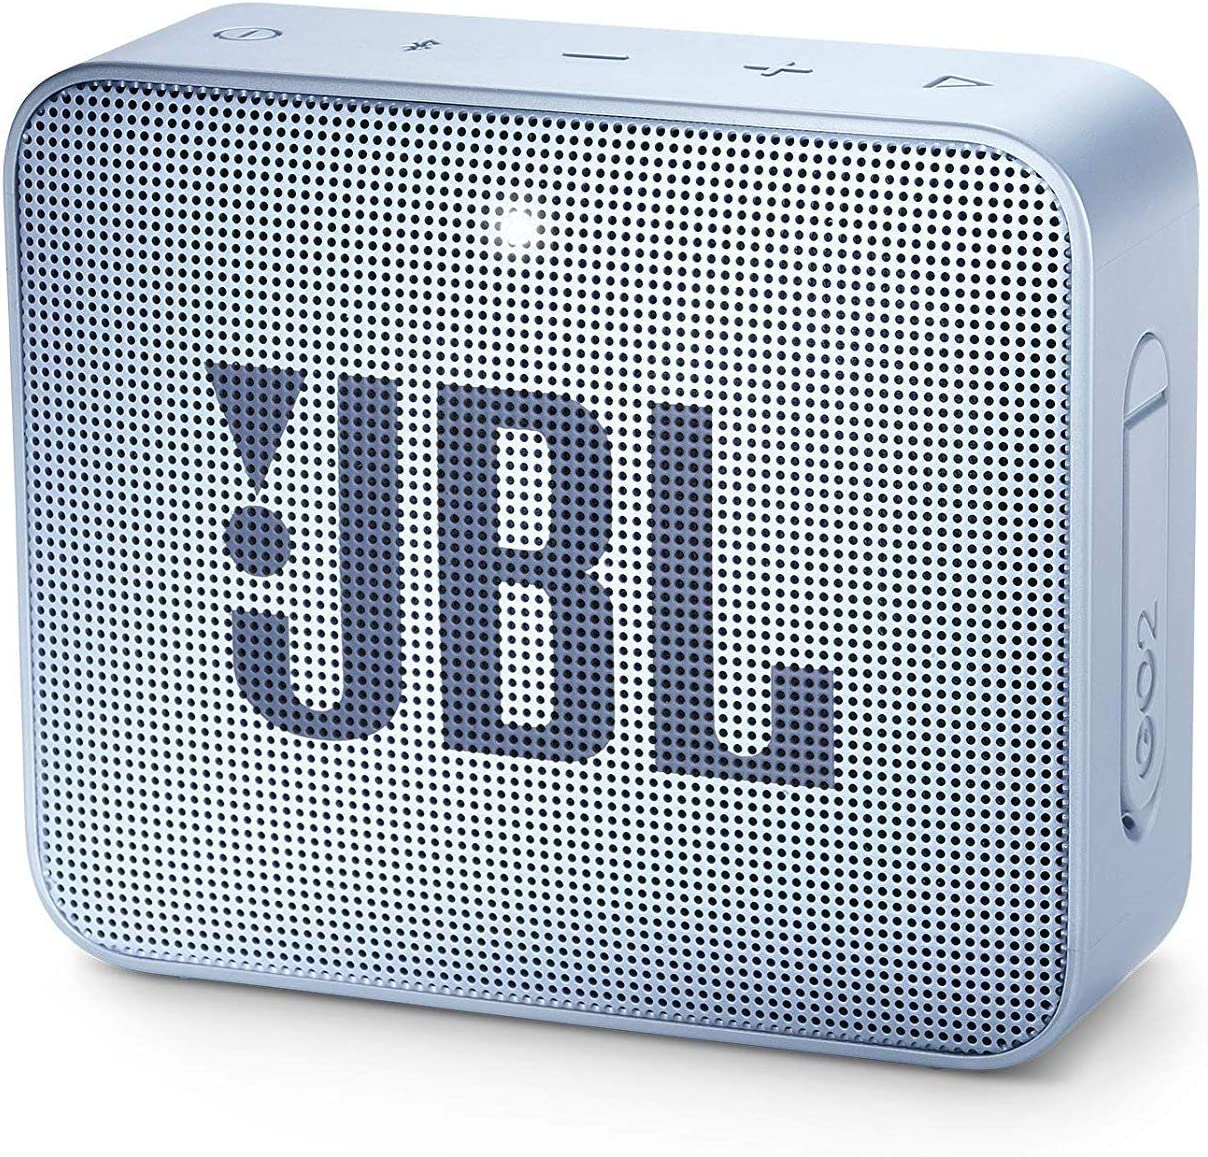 Jbl Go 2 Kleine Musikbox In Hellblau Wasserfester Portabler Bluetooth Lautsprecher Mit Freisprechfunktion Bis Zu 5 Stunden Musikgenuss Mit Nur Einer Akku Ladung Audio Hifi